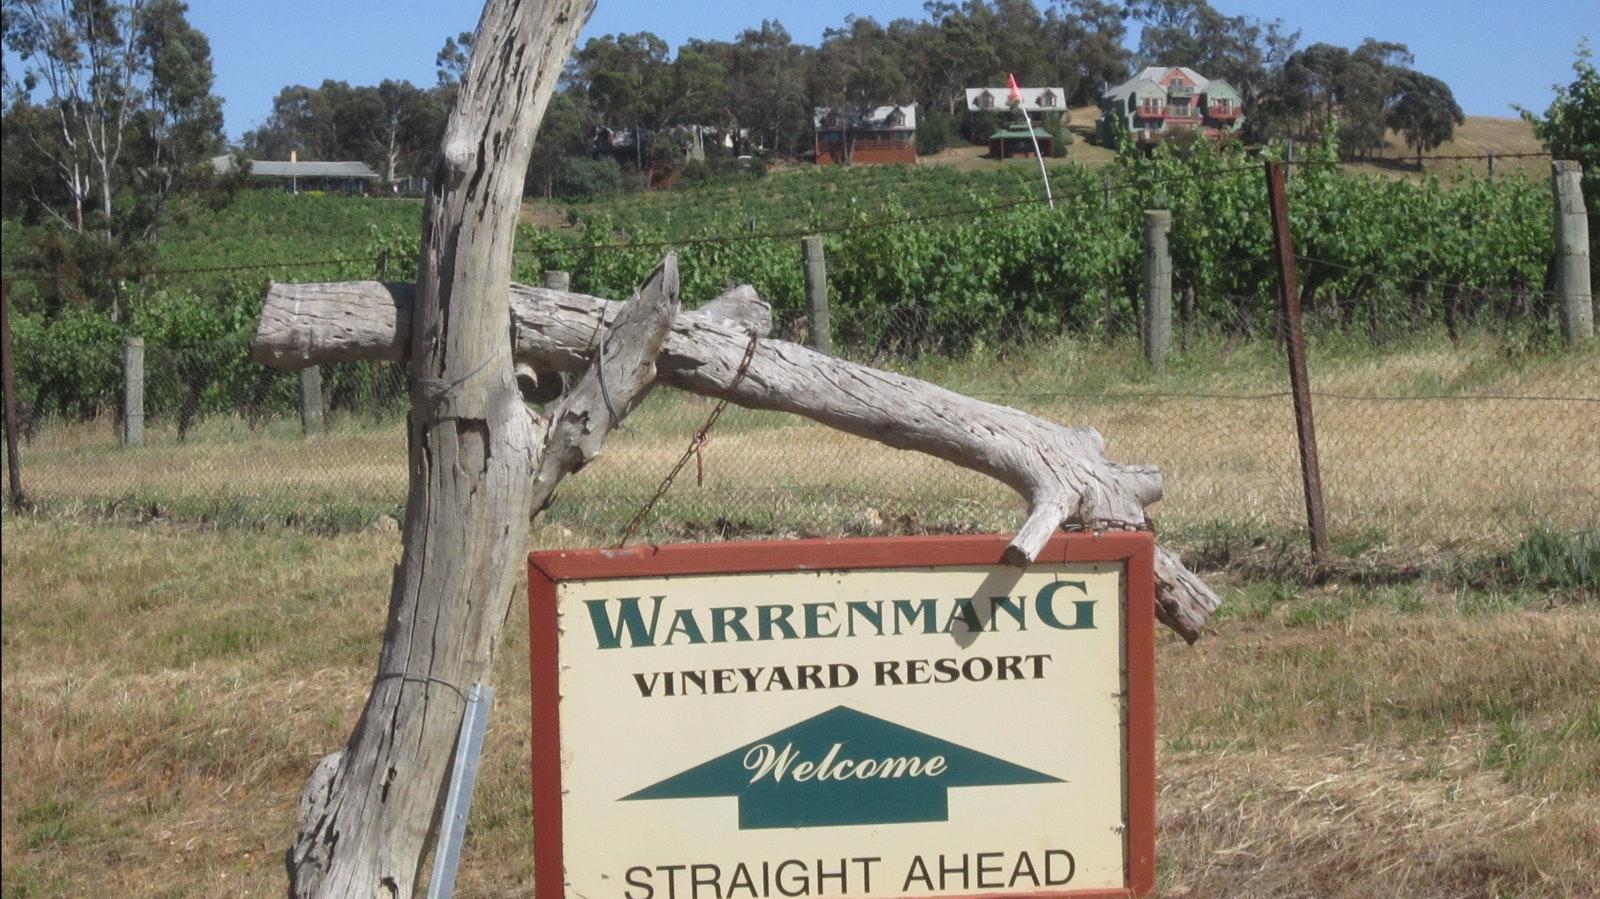 Warrenmang vineyard - PYRENEES